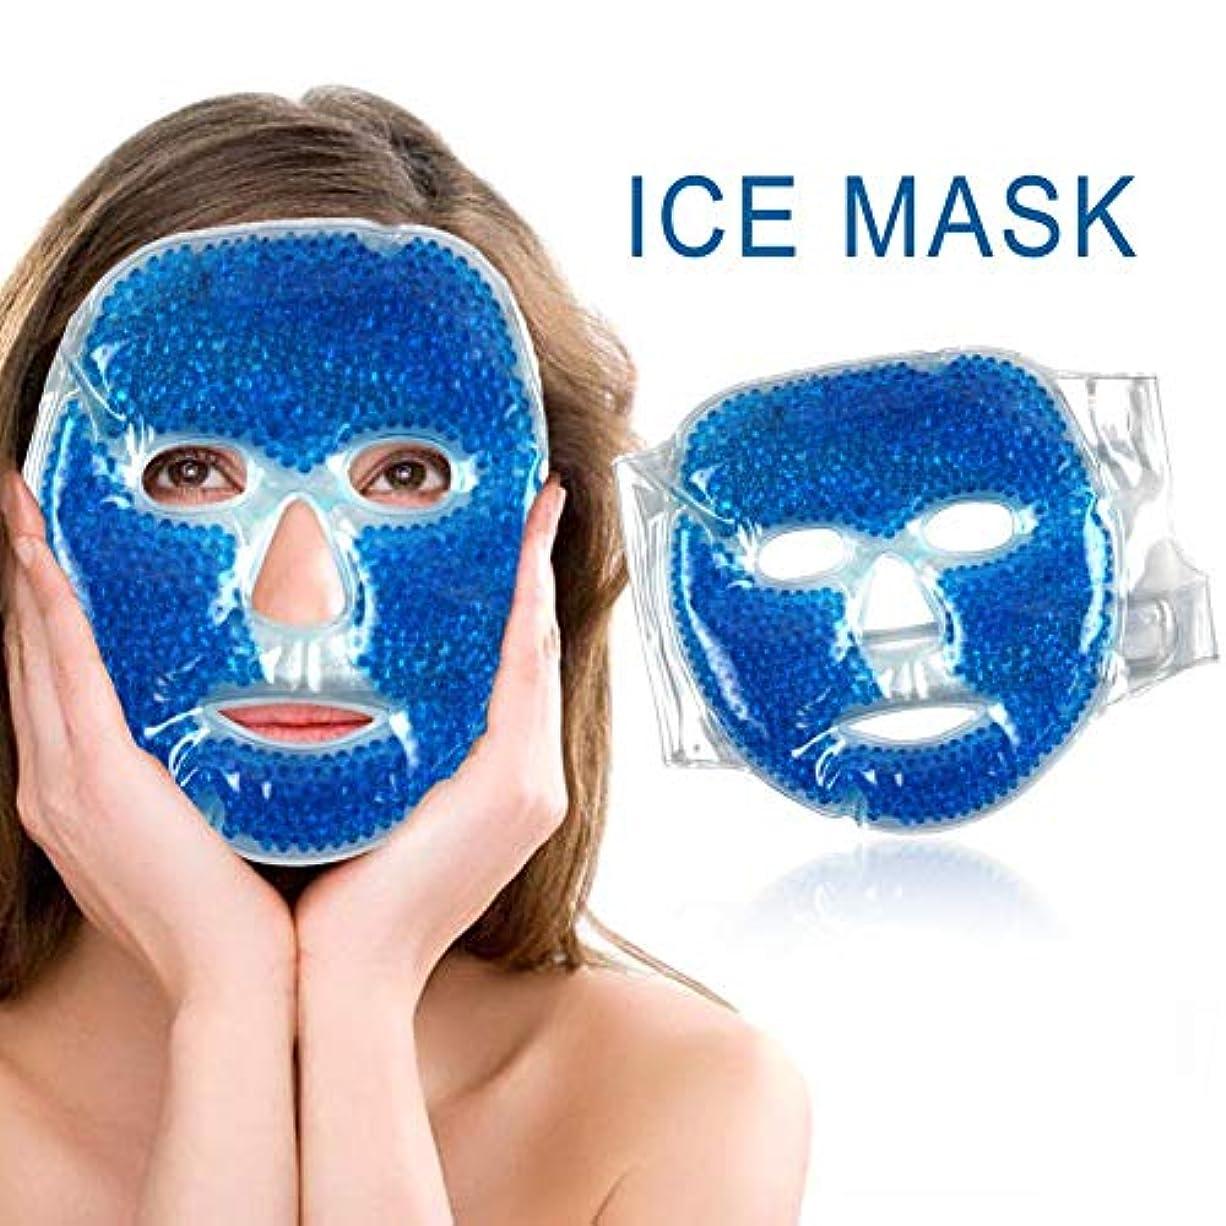 不安定なバインド万歳SILUN フェイスマスク 冷温兼用 アイスマスク 美容用 再利用可能 毛細血管収縮 疲労緩和 肌ケア 保湿 吸収しやすい 美容マッサージ